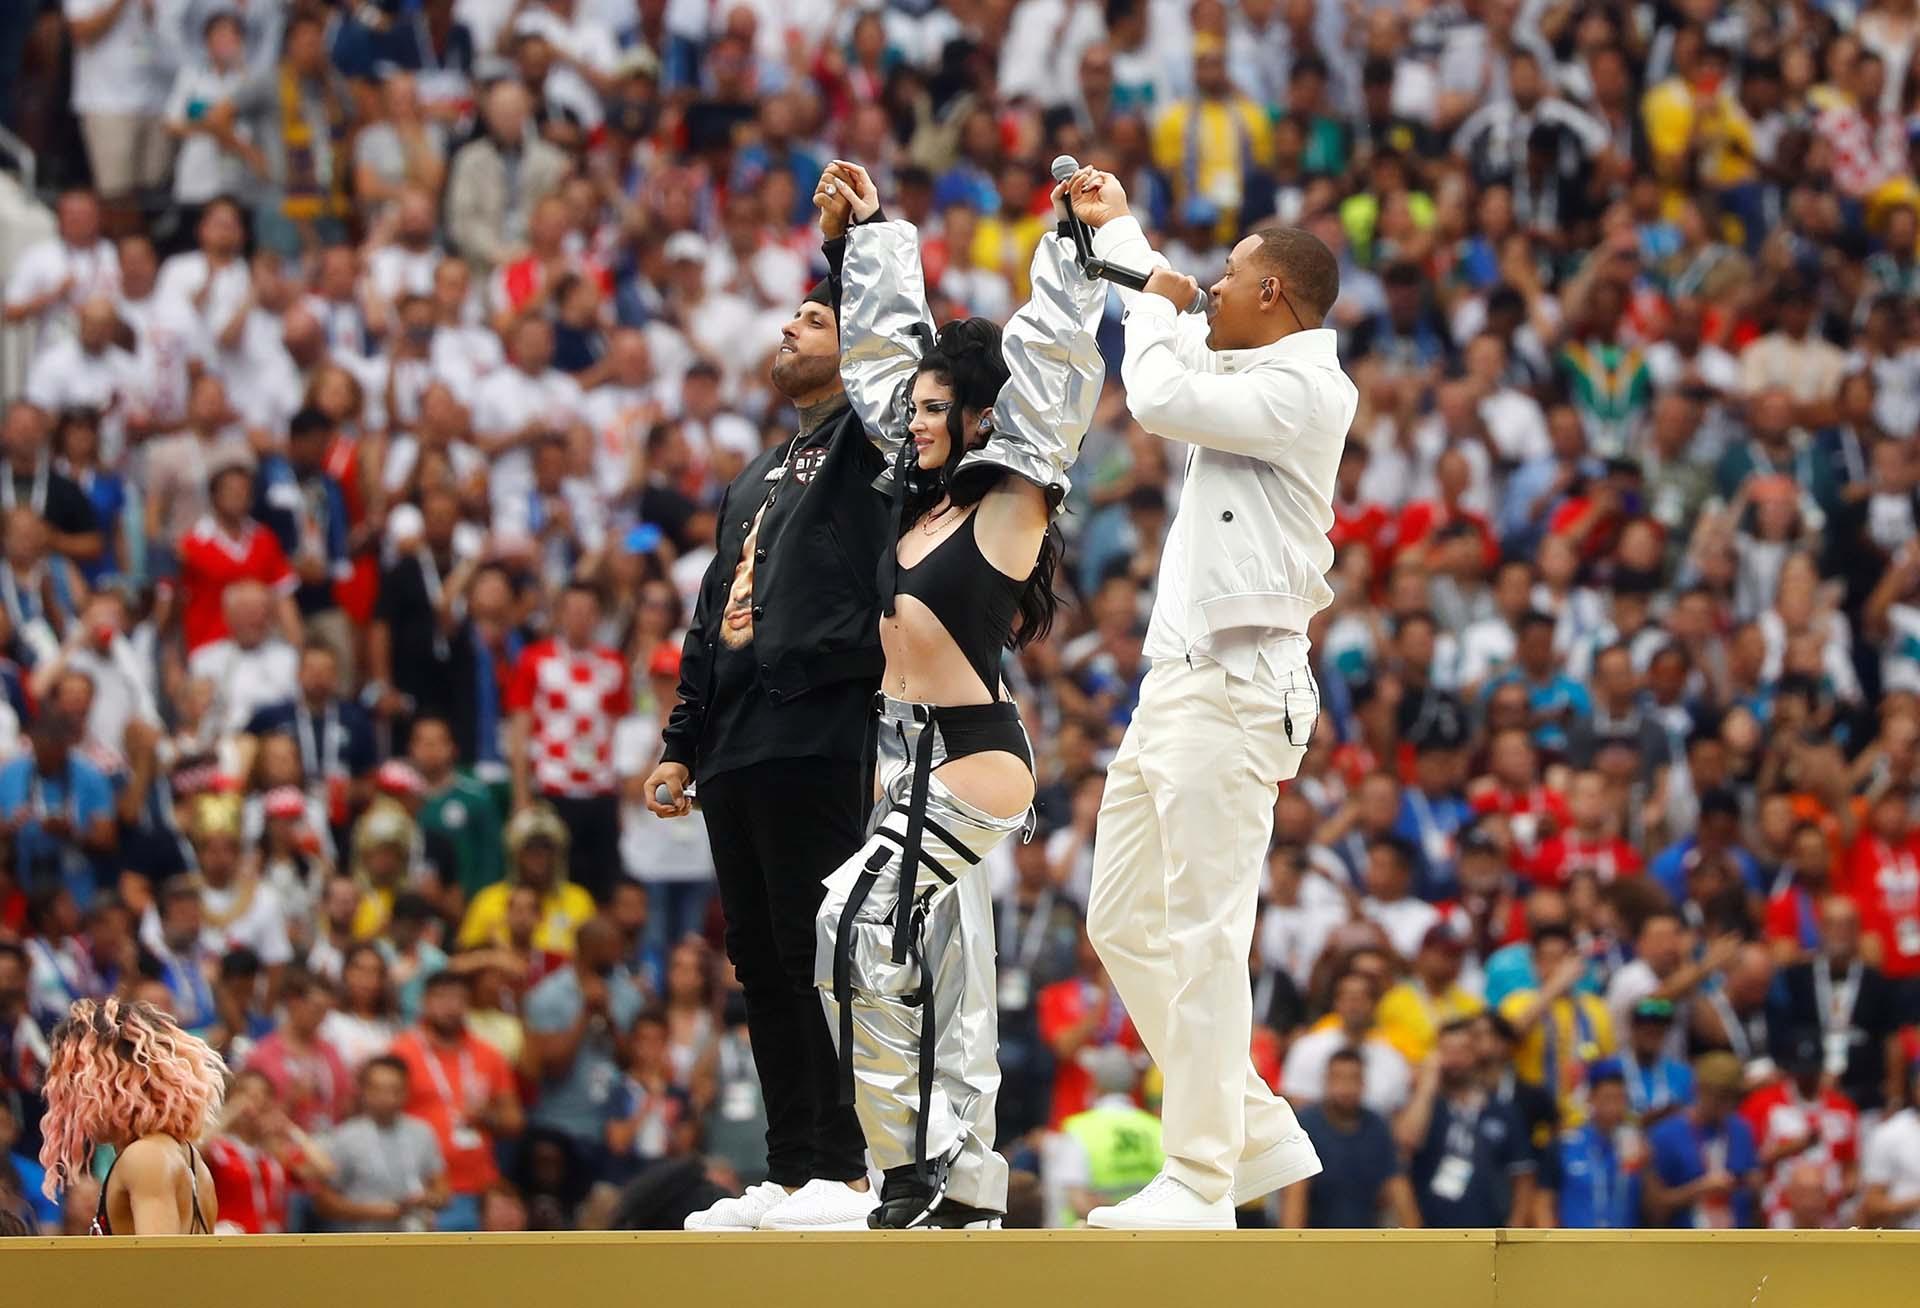 Will Smith, Nicky Jam y Era Istrefi, los protagonistas de la ceremonia de clausura del Mundial de Rusia